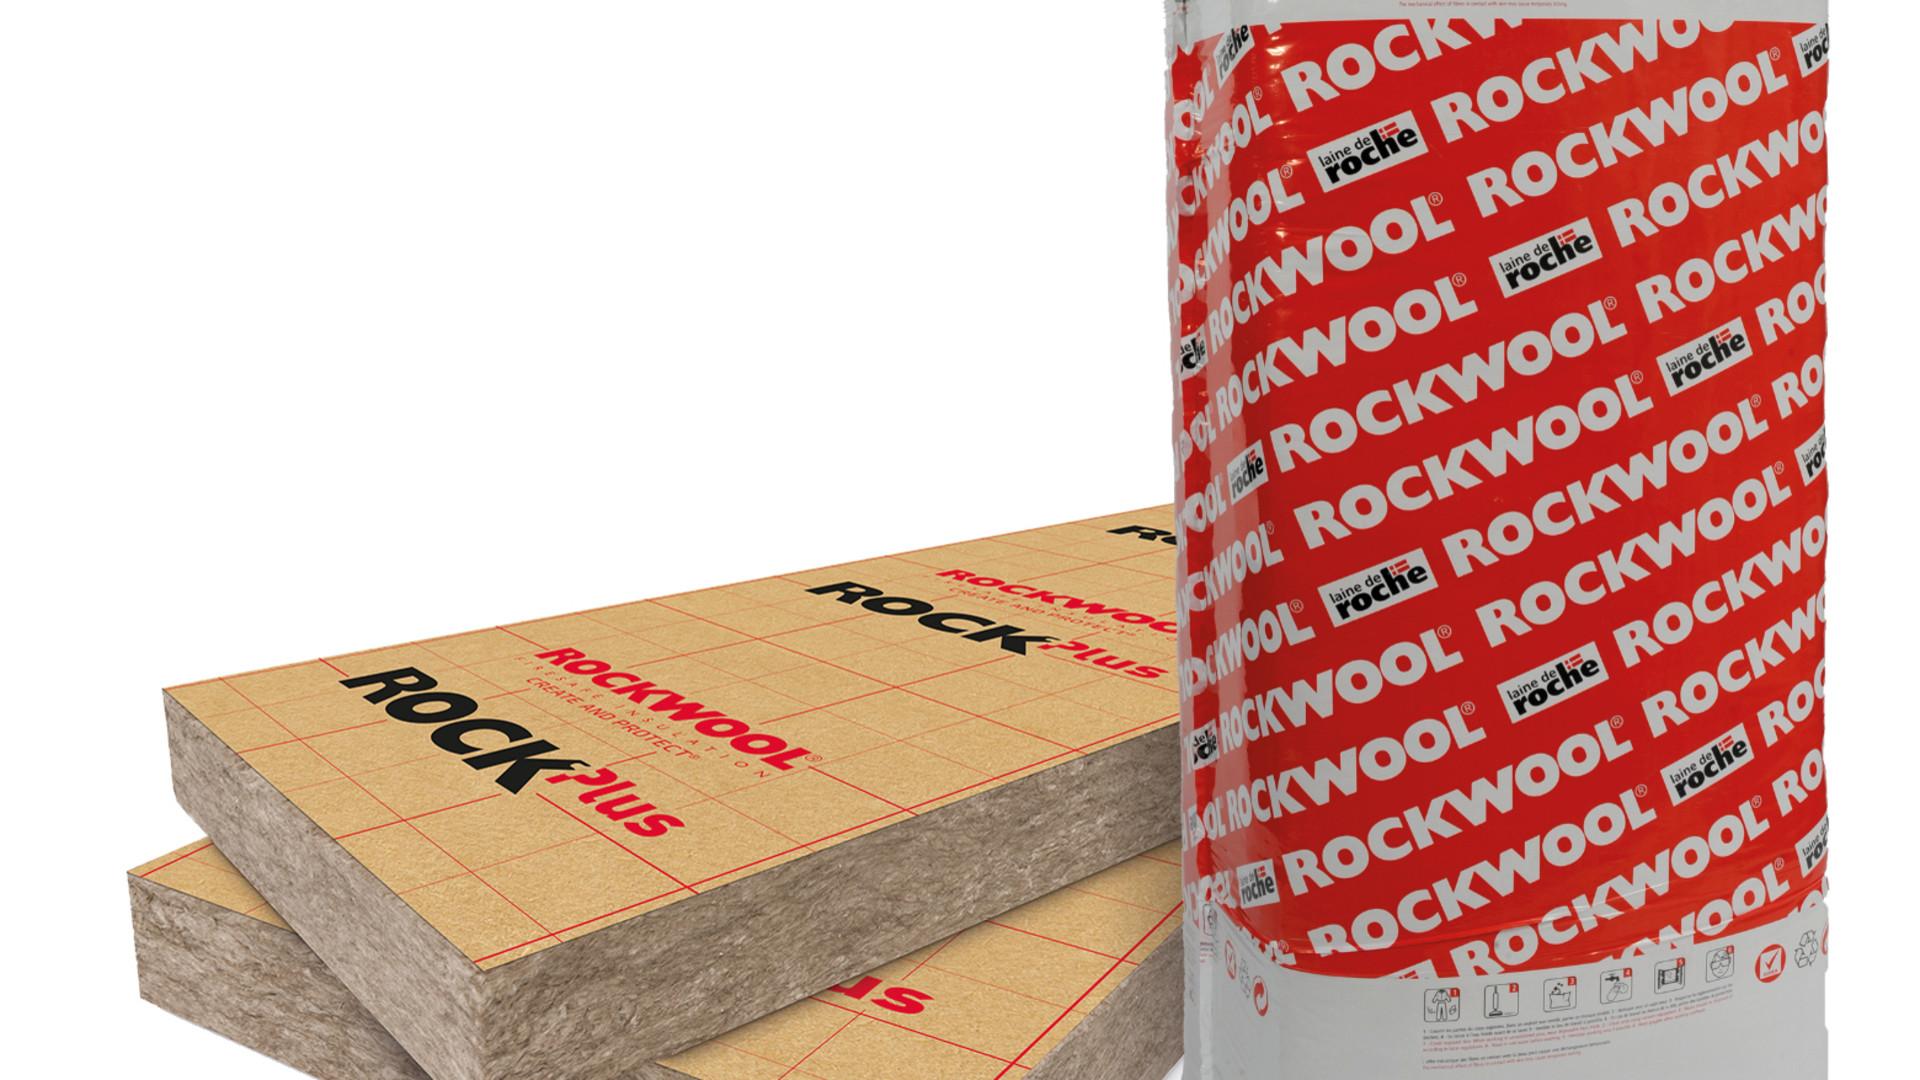 Rockplus kraft, packaging, produit, product, jpg